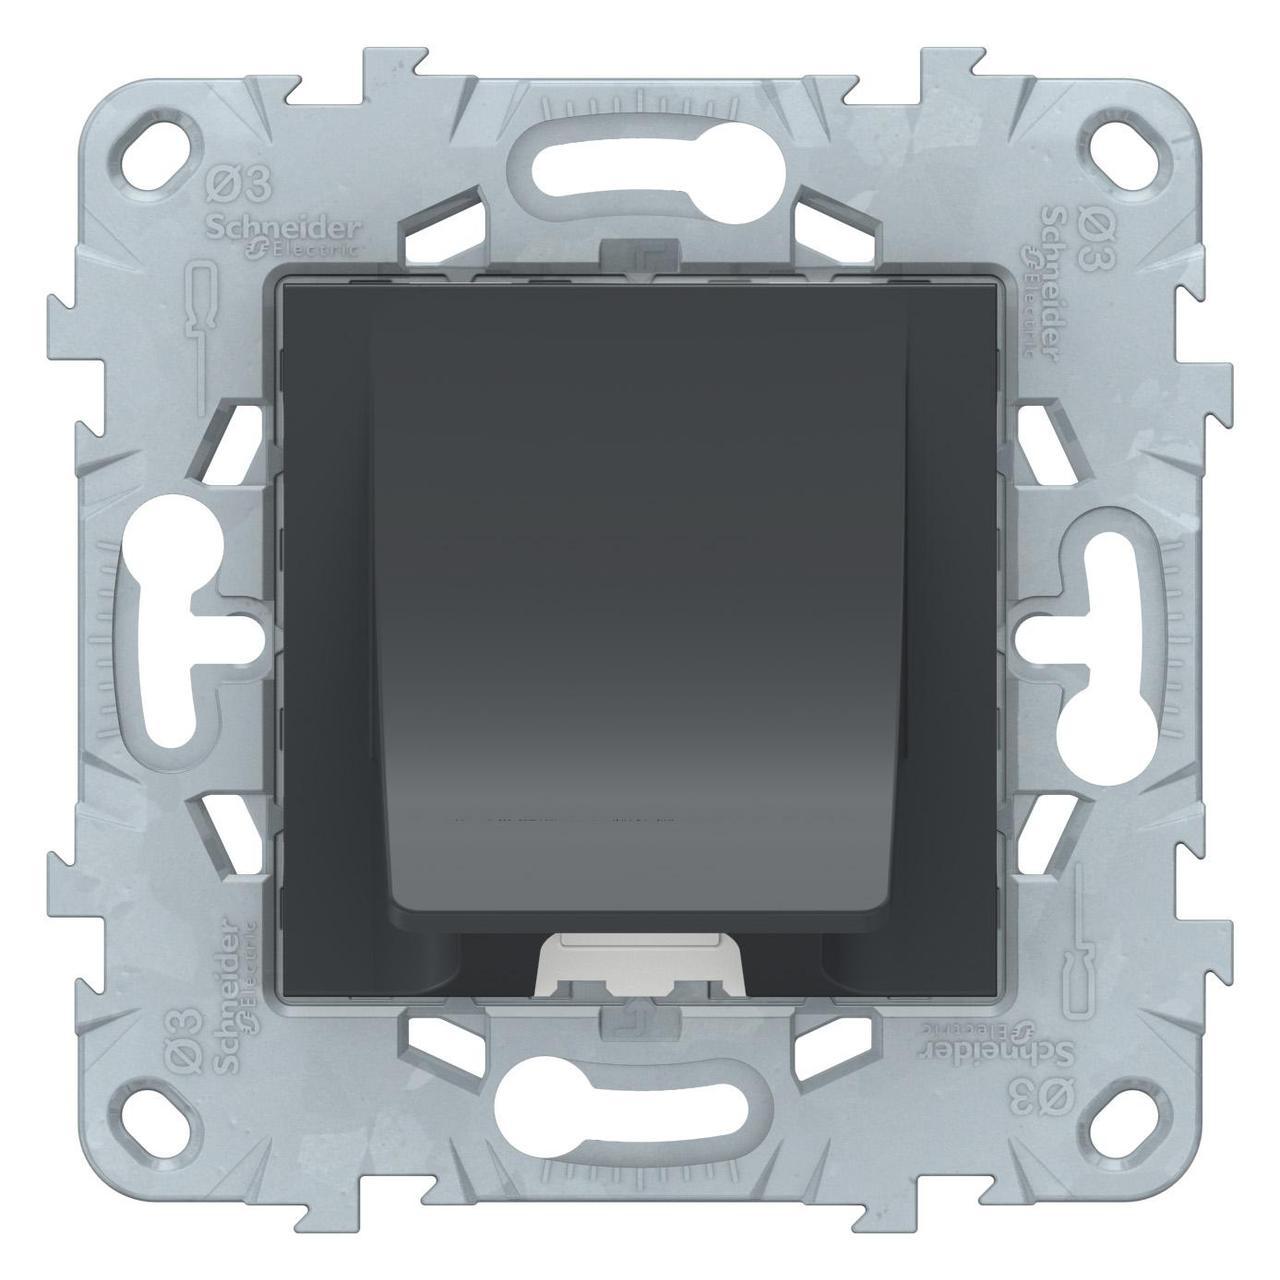 Кабельный вывод , Антрацит, серия Unica New, Schneider Electric